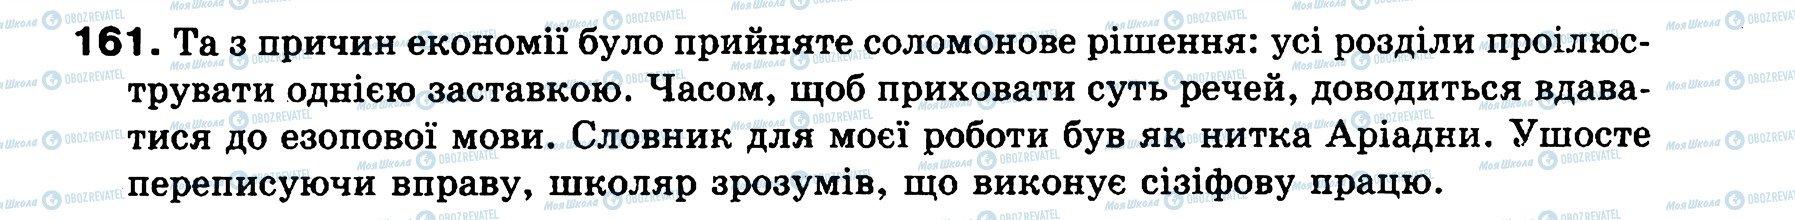 ГДЗ Українська мова 8 клас сторінка 161